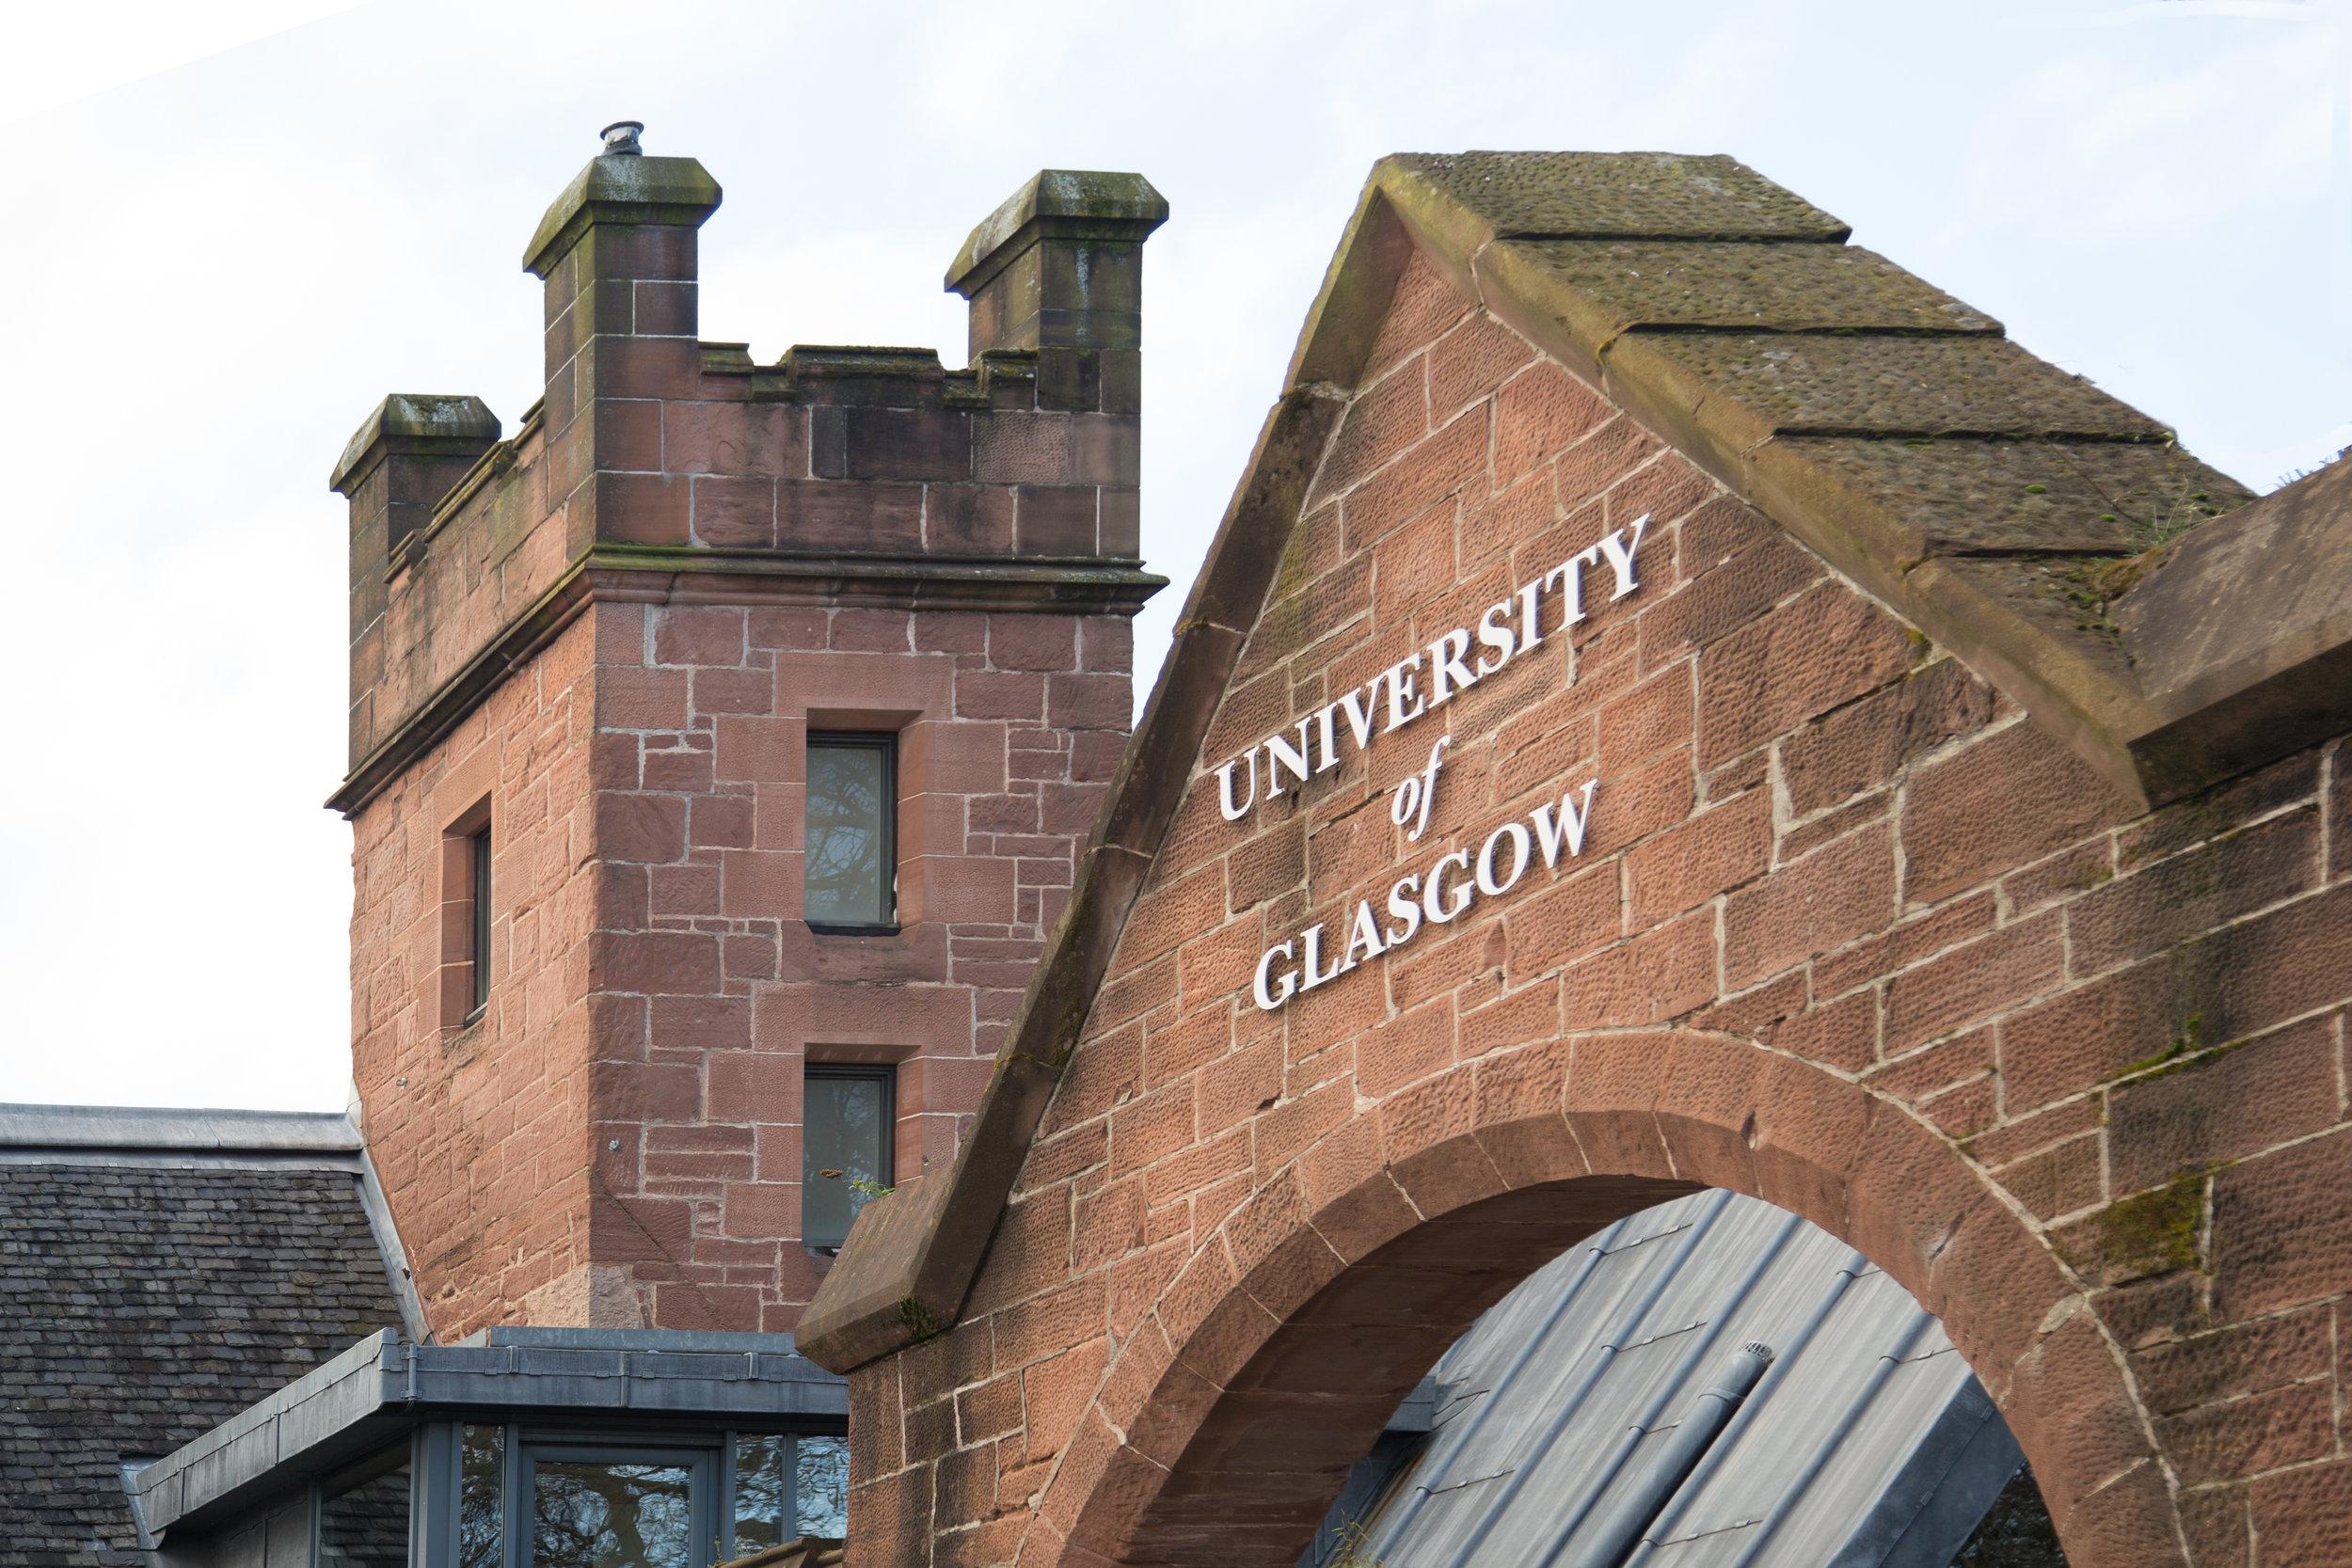 University of Glasgow Gate